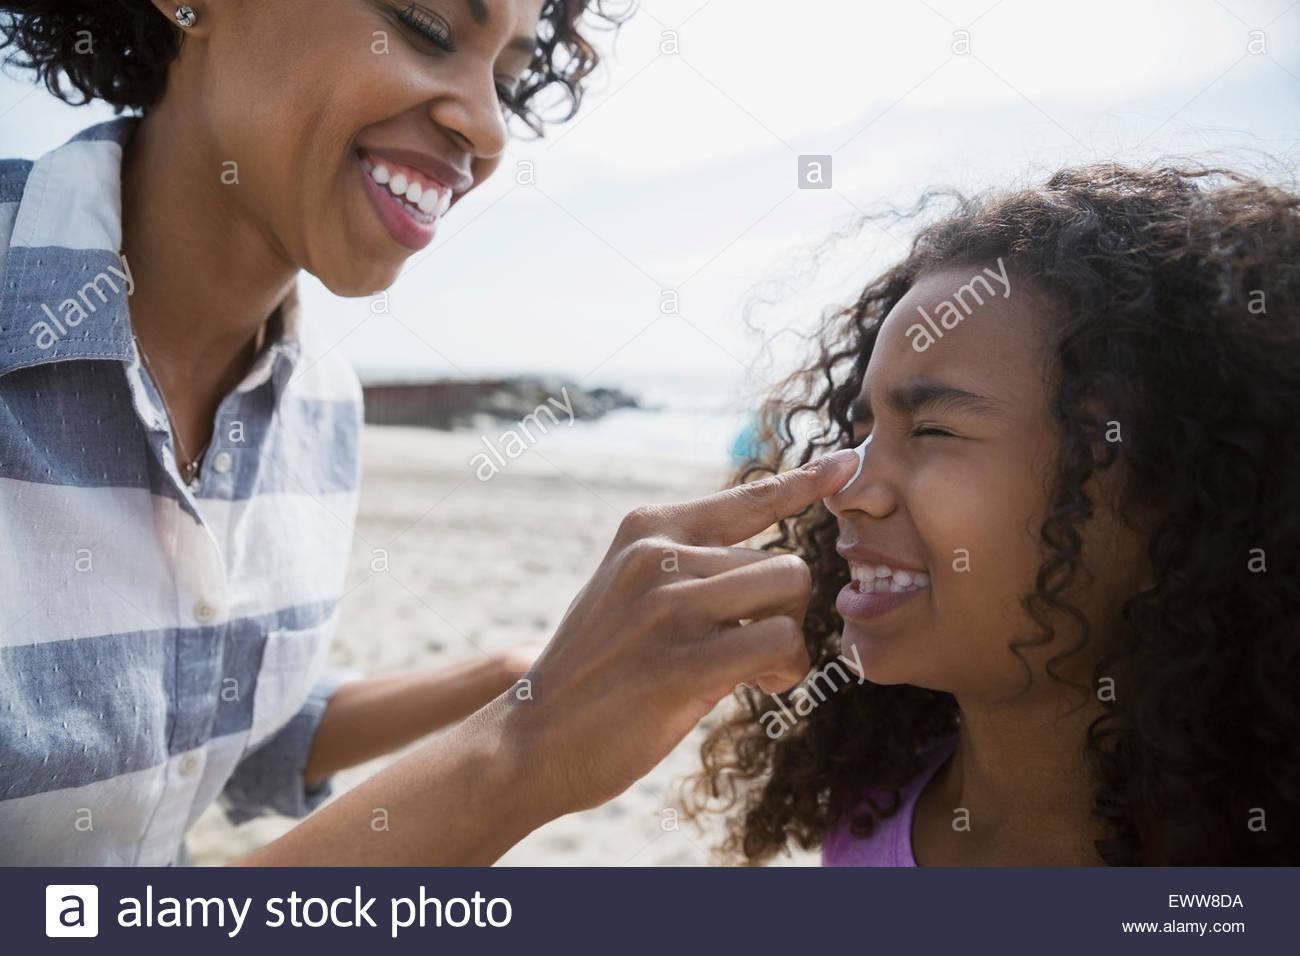 Appliquez un écran solaire à mère fille nez Photo Stock